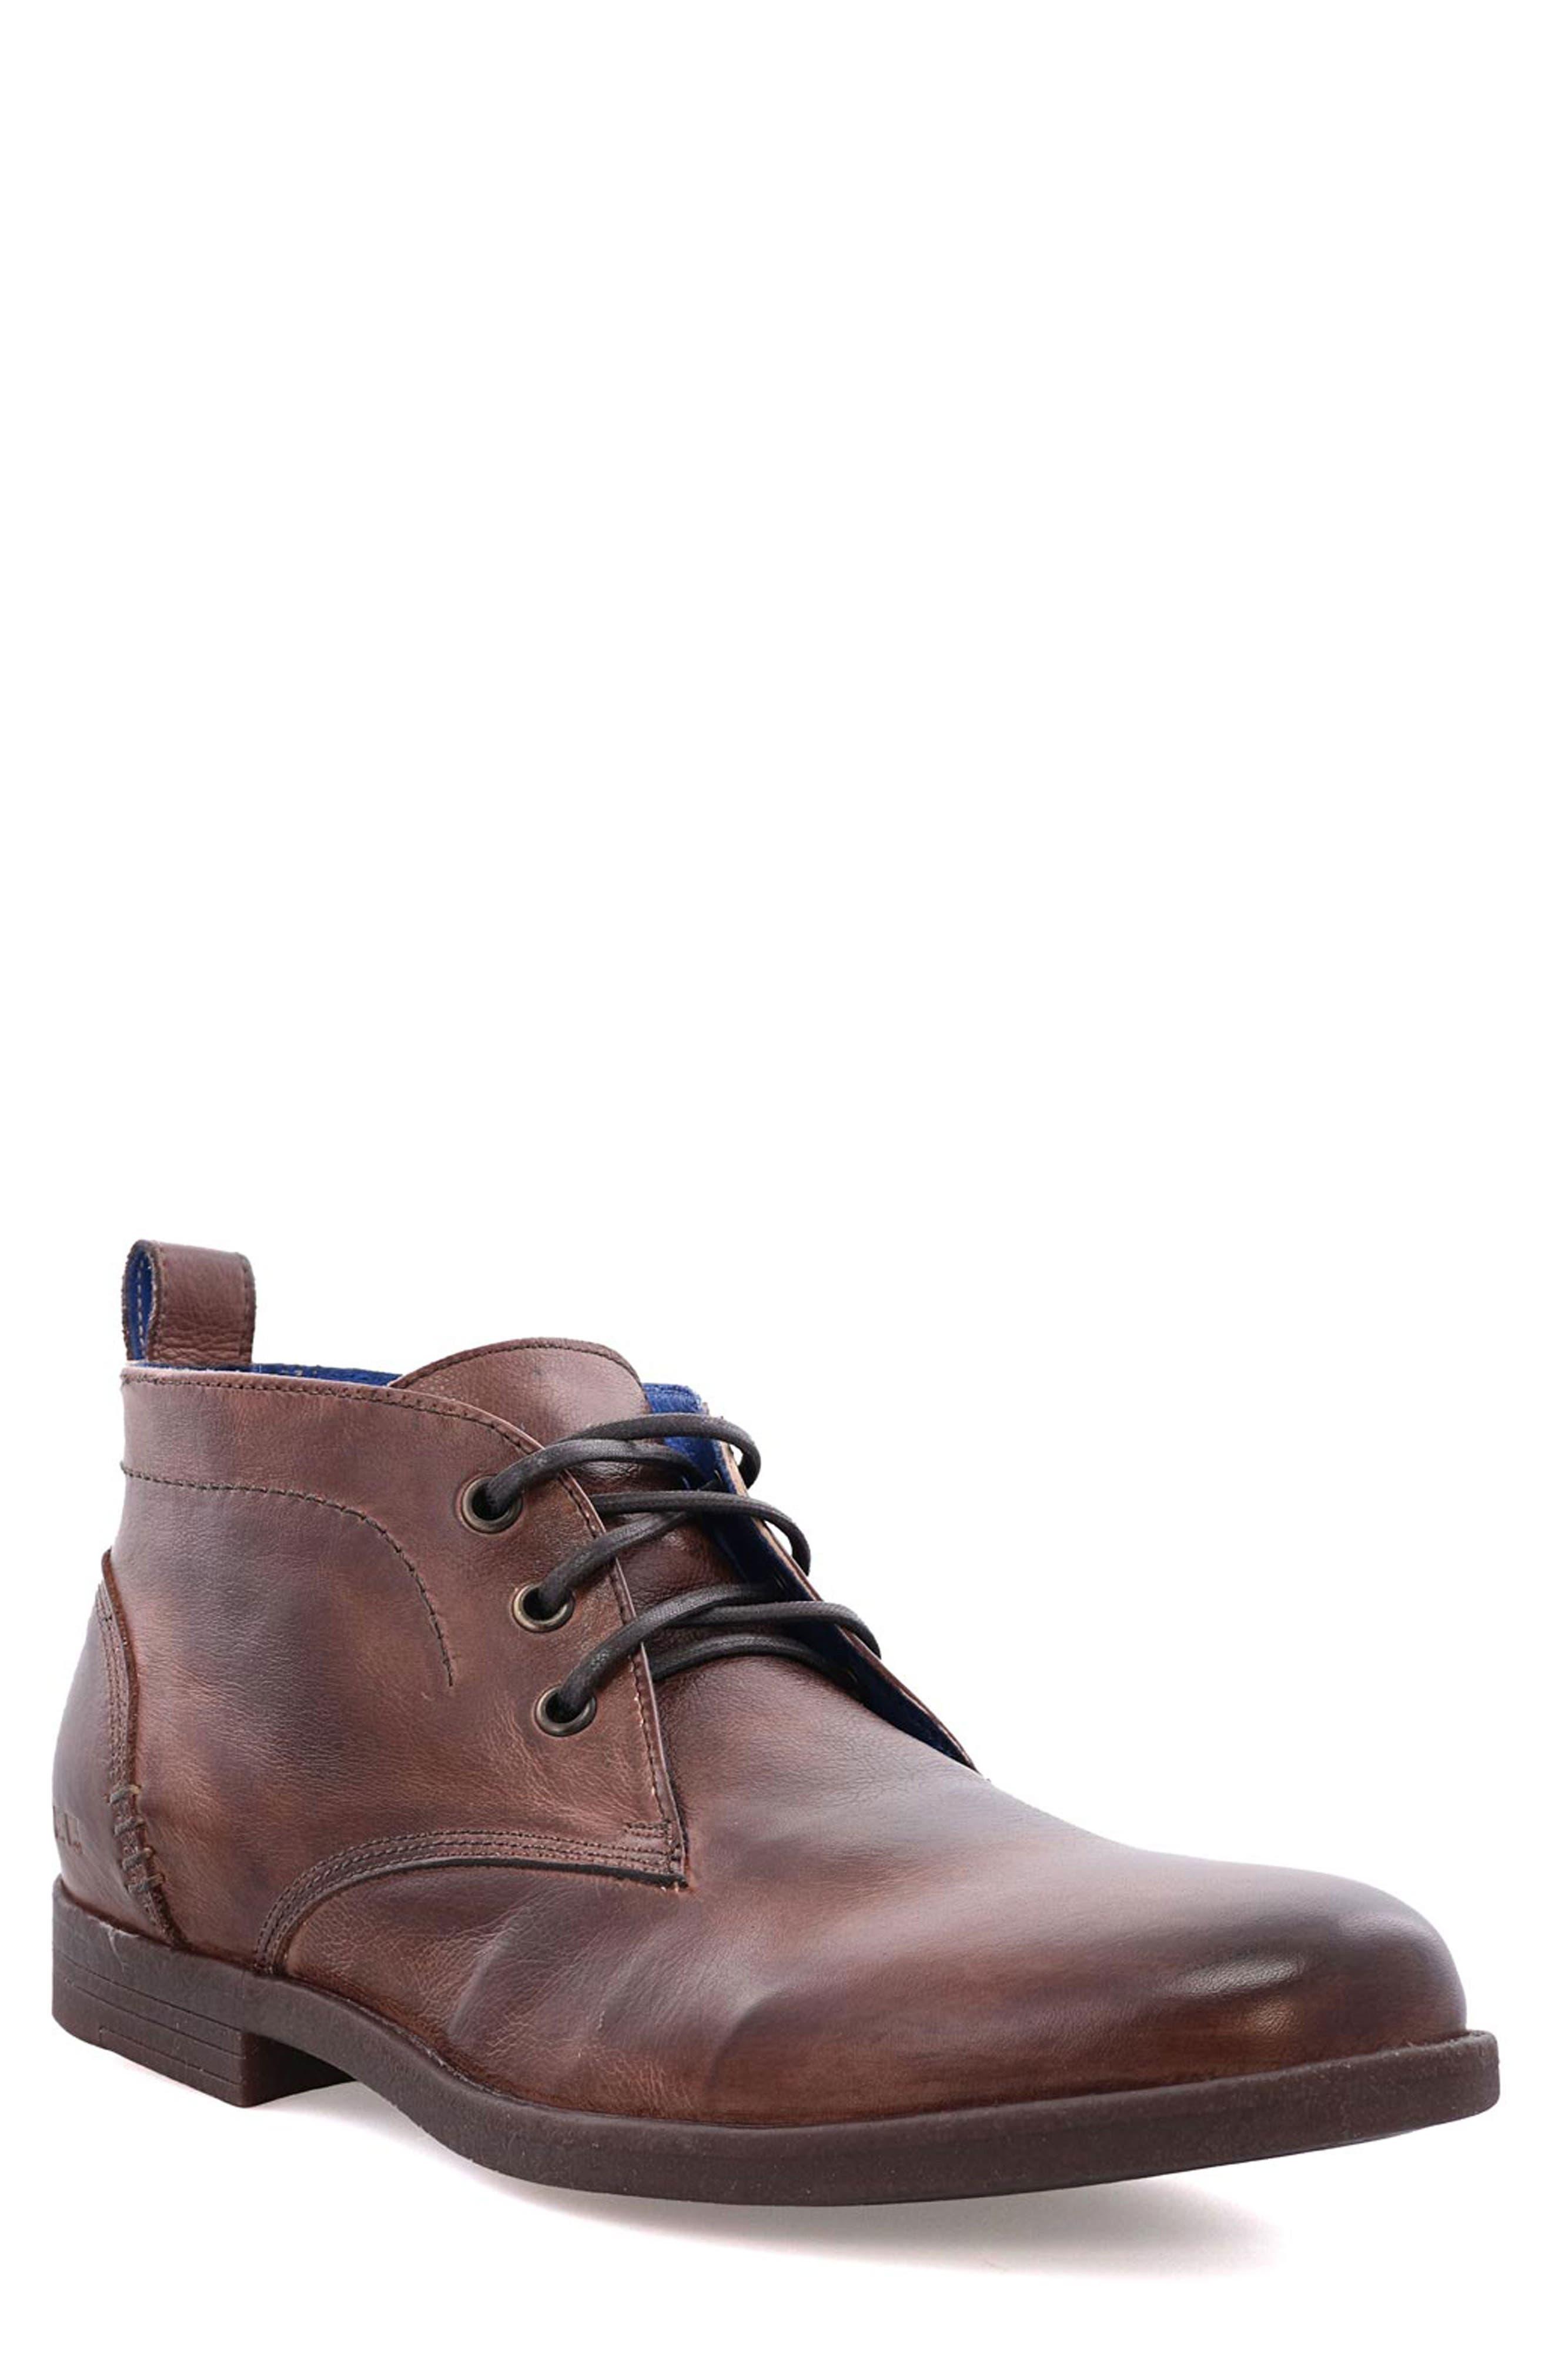 Illiad Plain Toe Boot